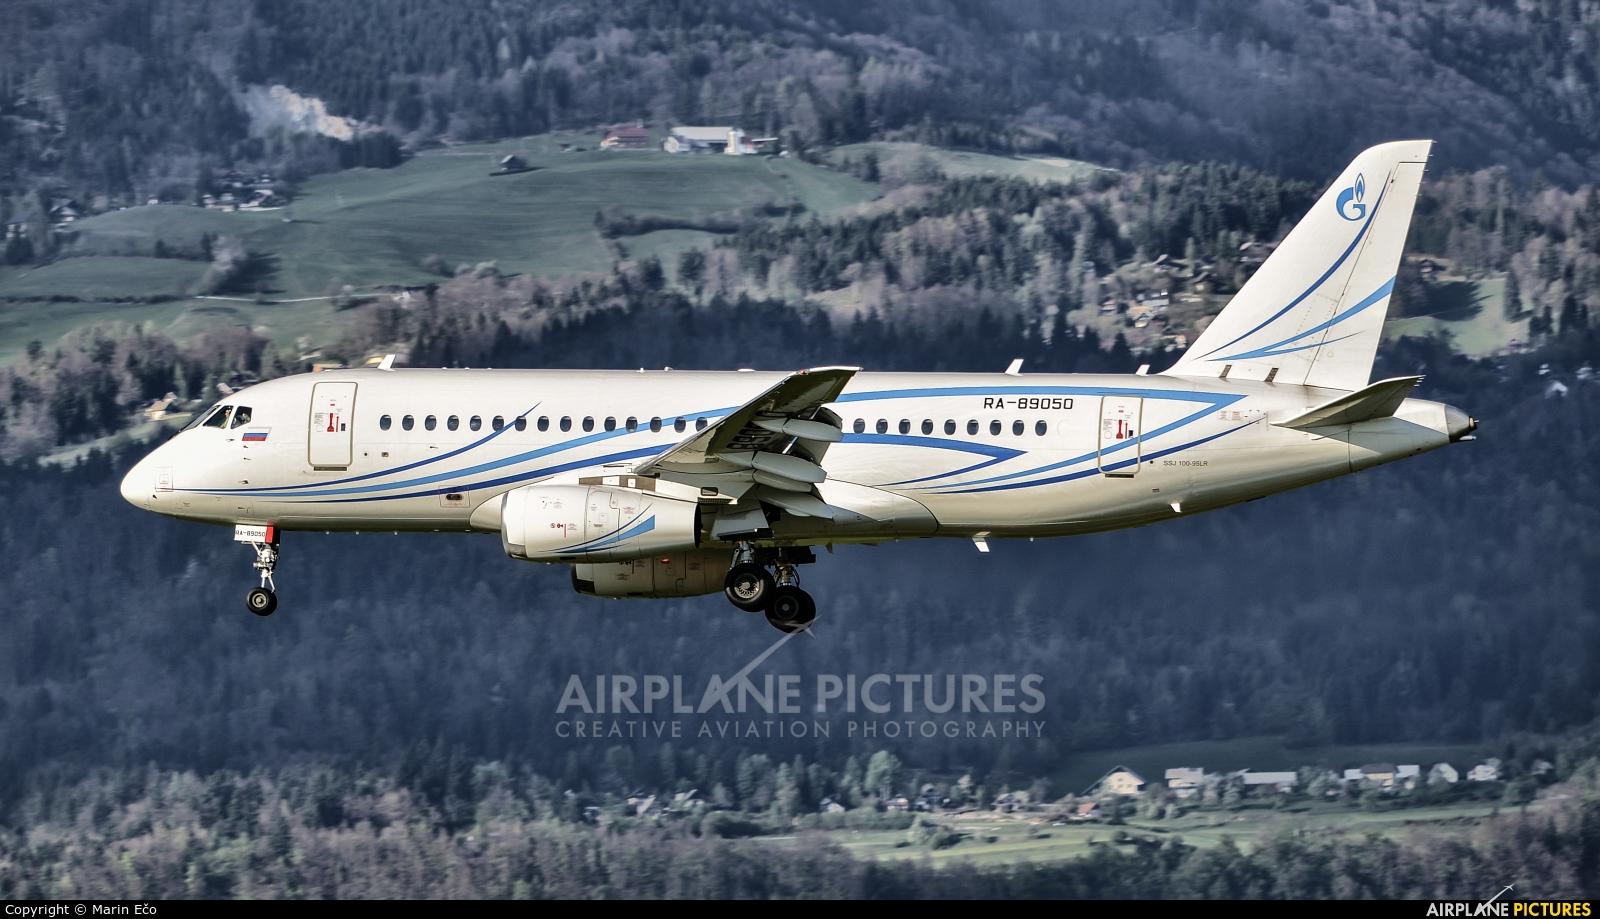 Gazpromavia RA-89050 aircraft at Ljubljana - Brnik